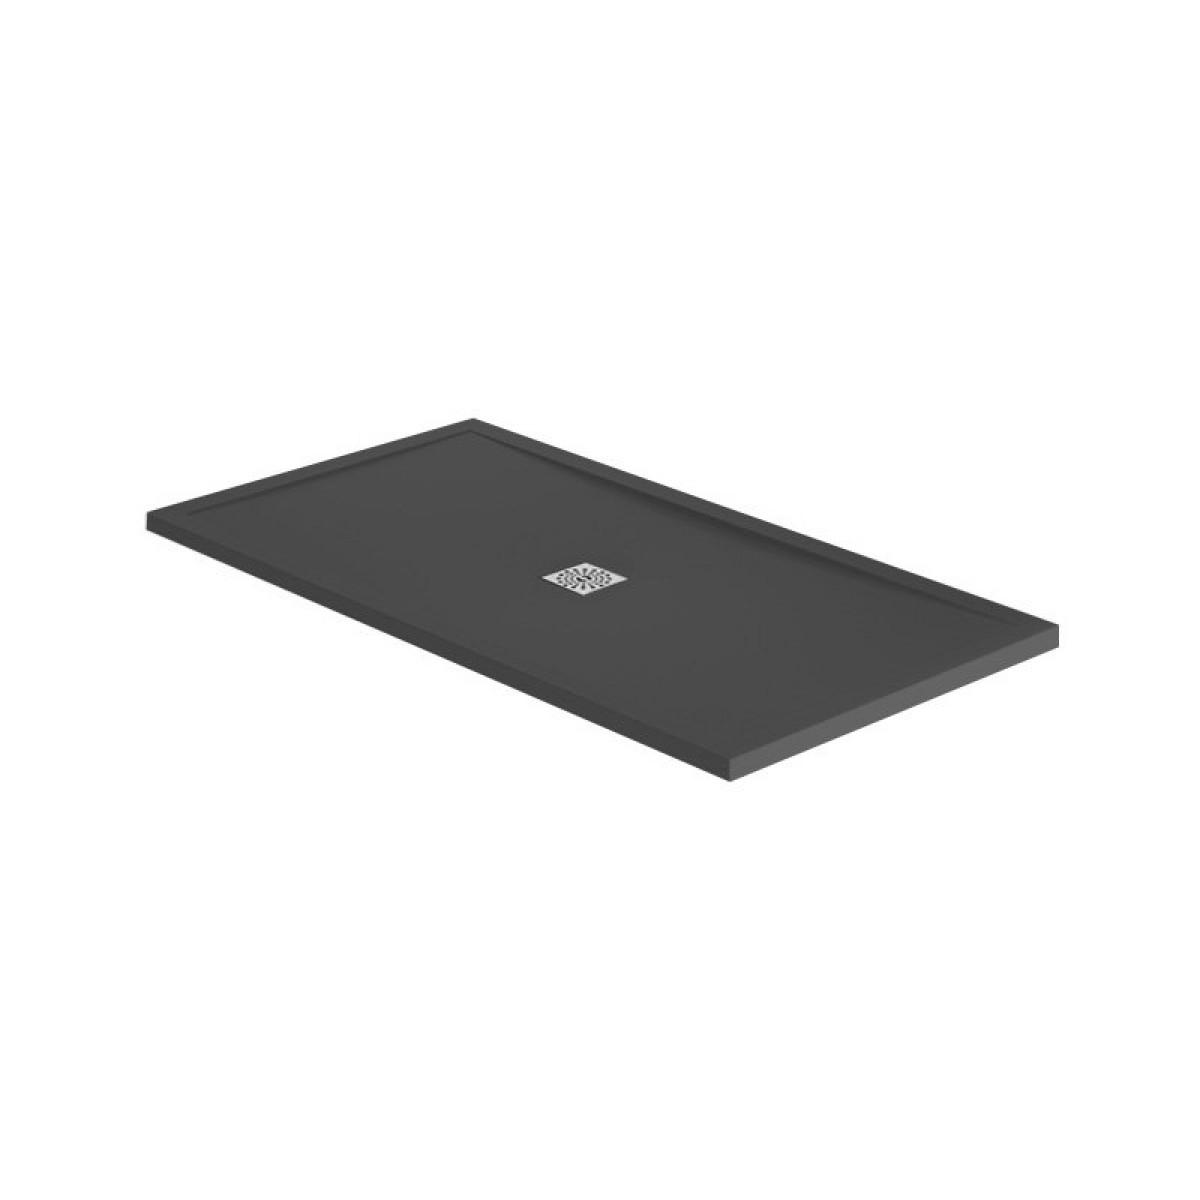 april waifer slate effect black 1400 x 900mm shower tray. Black Bedroom Furniture Sets. Home Design Ideas